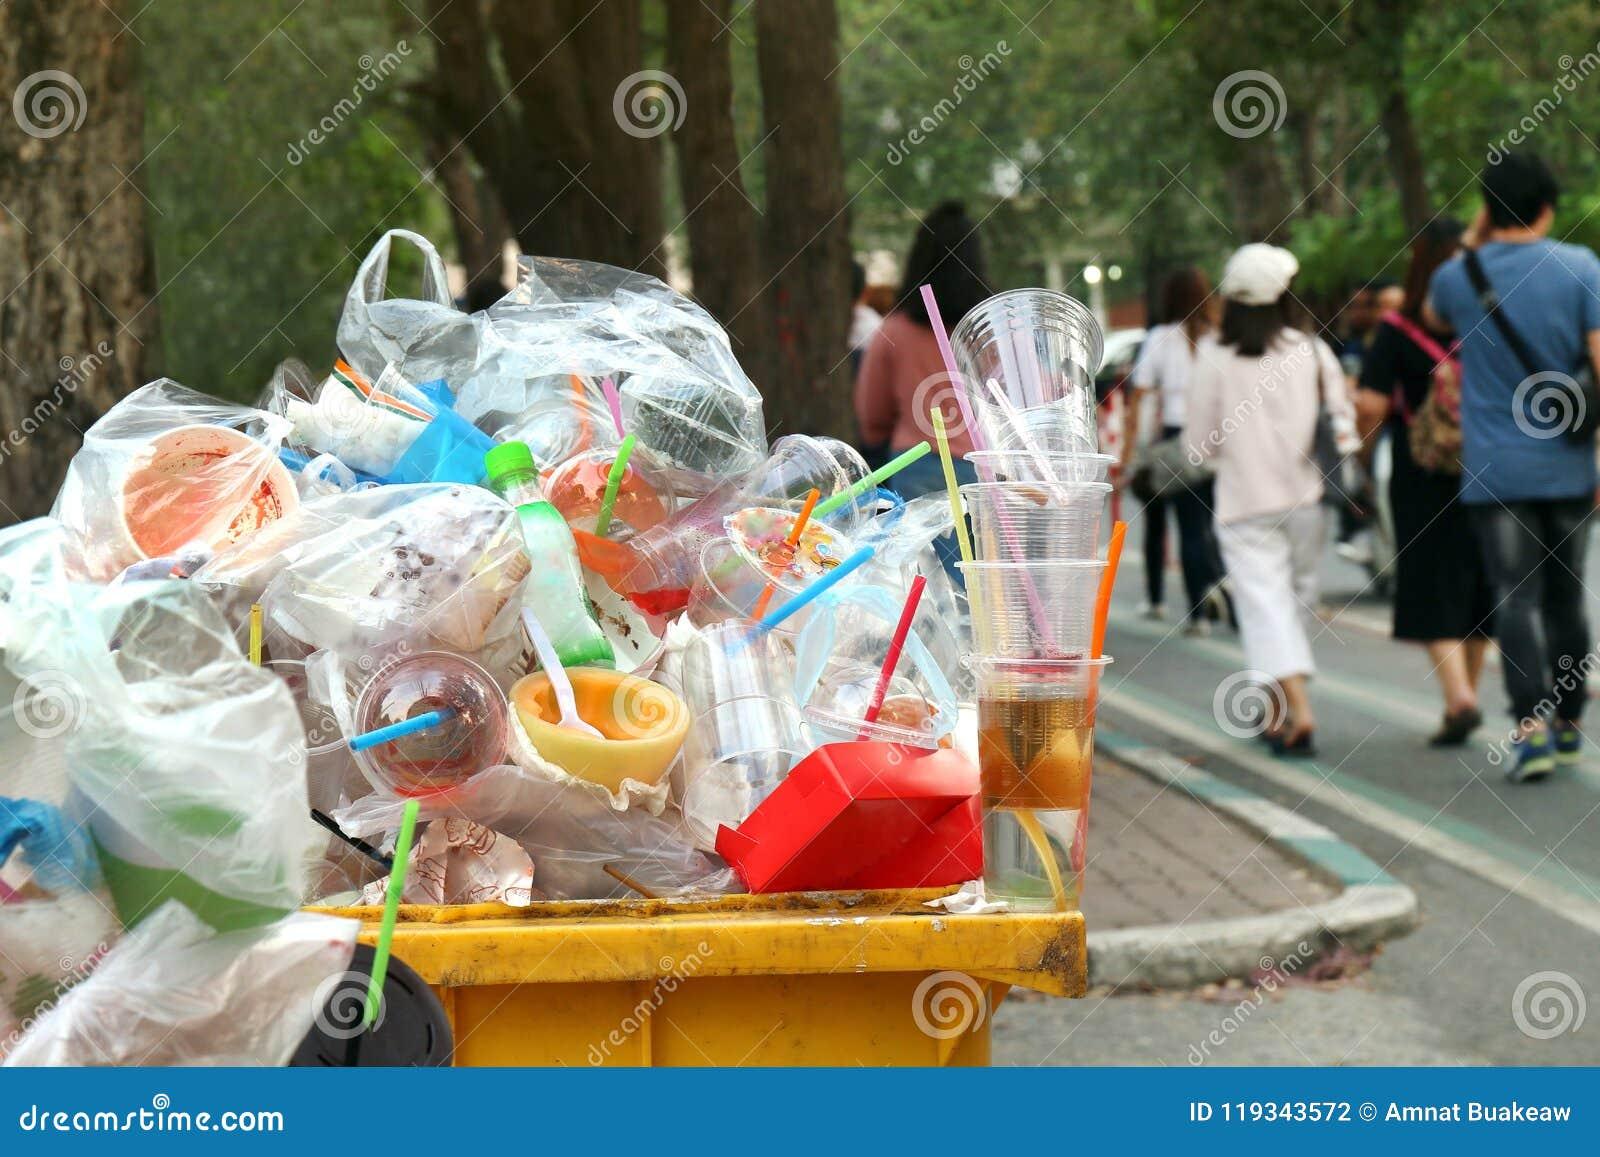 垃圾塑料充分废物垃圾垃圾桶黄色和背景人在边路庭院,垃圾桶,垃圾走